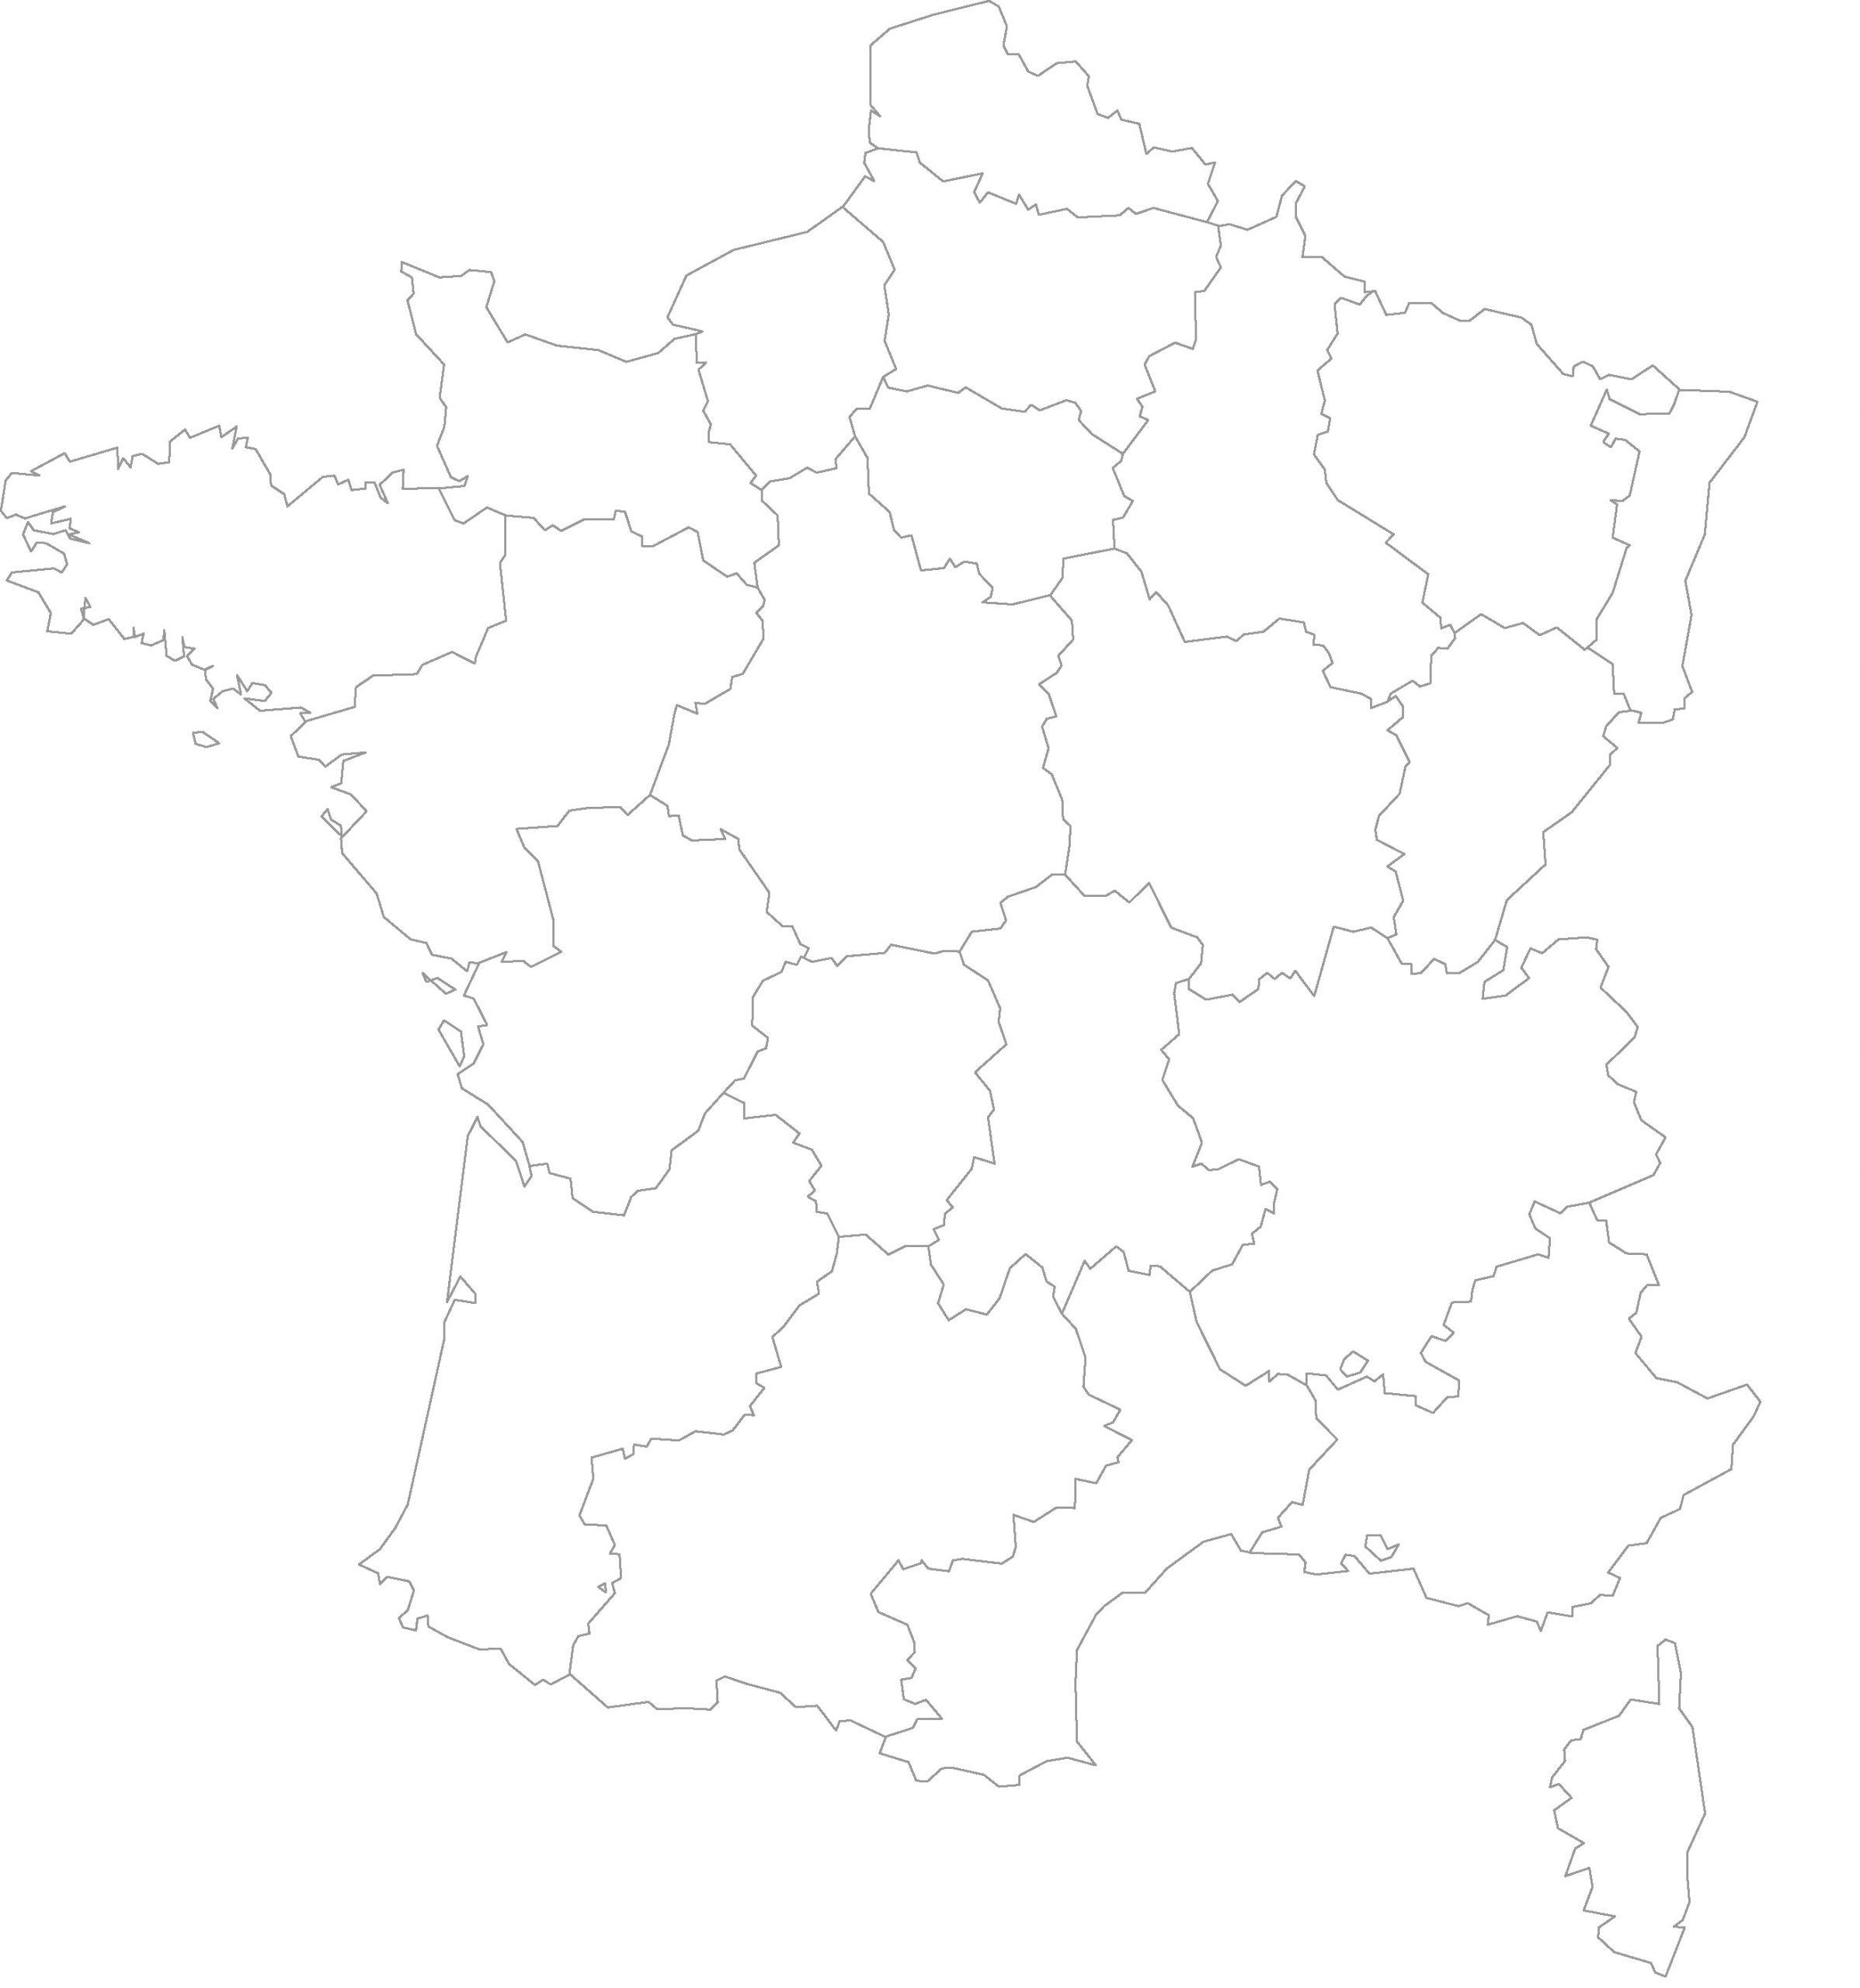 Cartes Muettes De La France À Imprimer - Chroniques à Carte De France Vierge A Imprimer